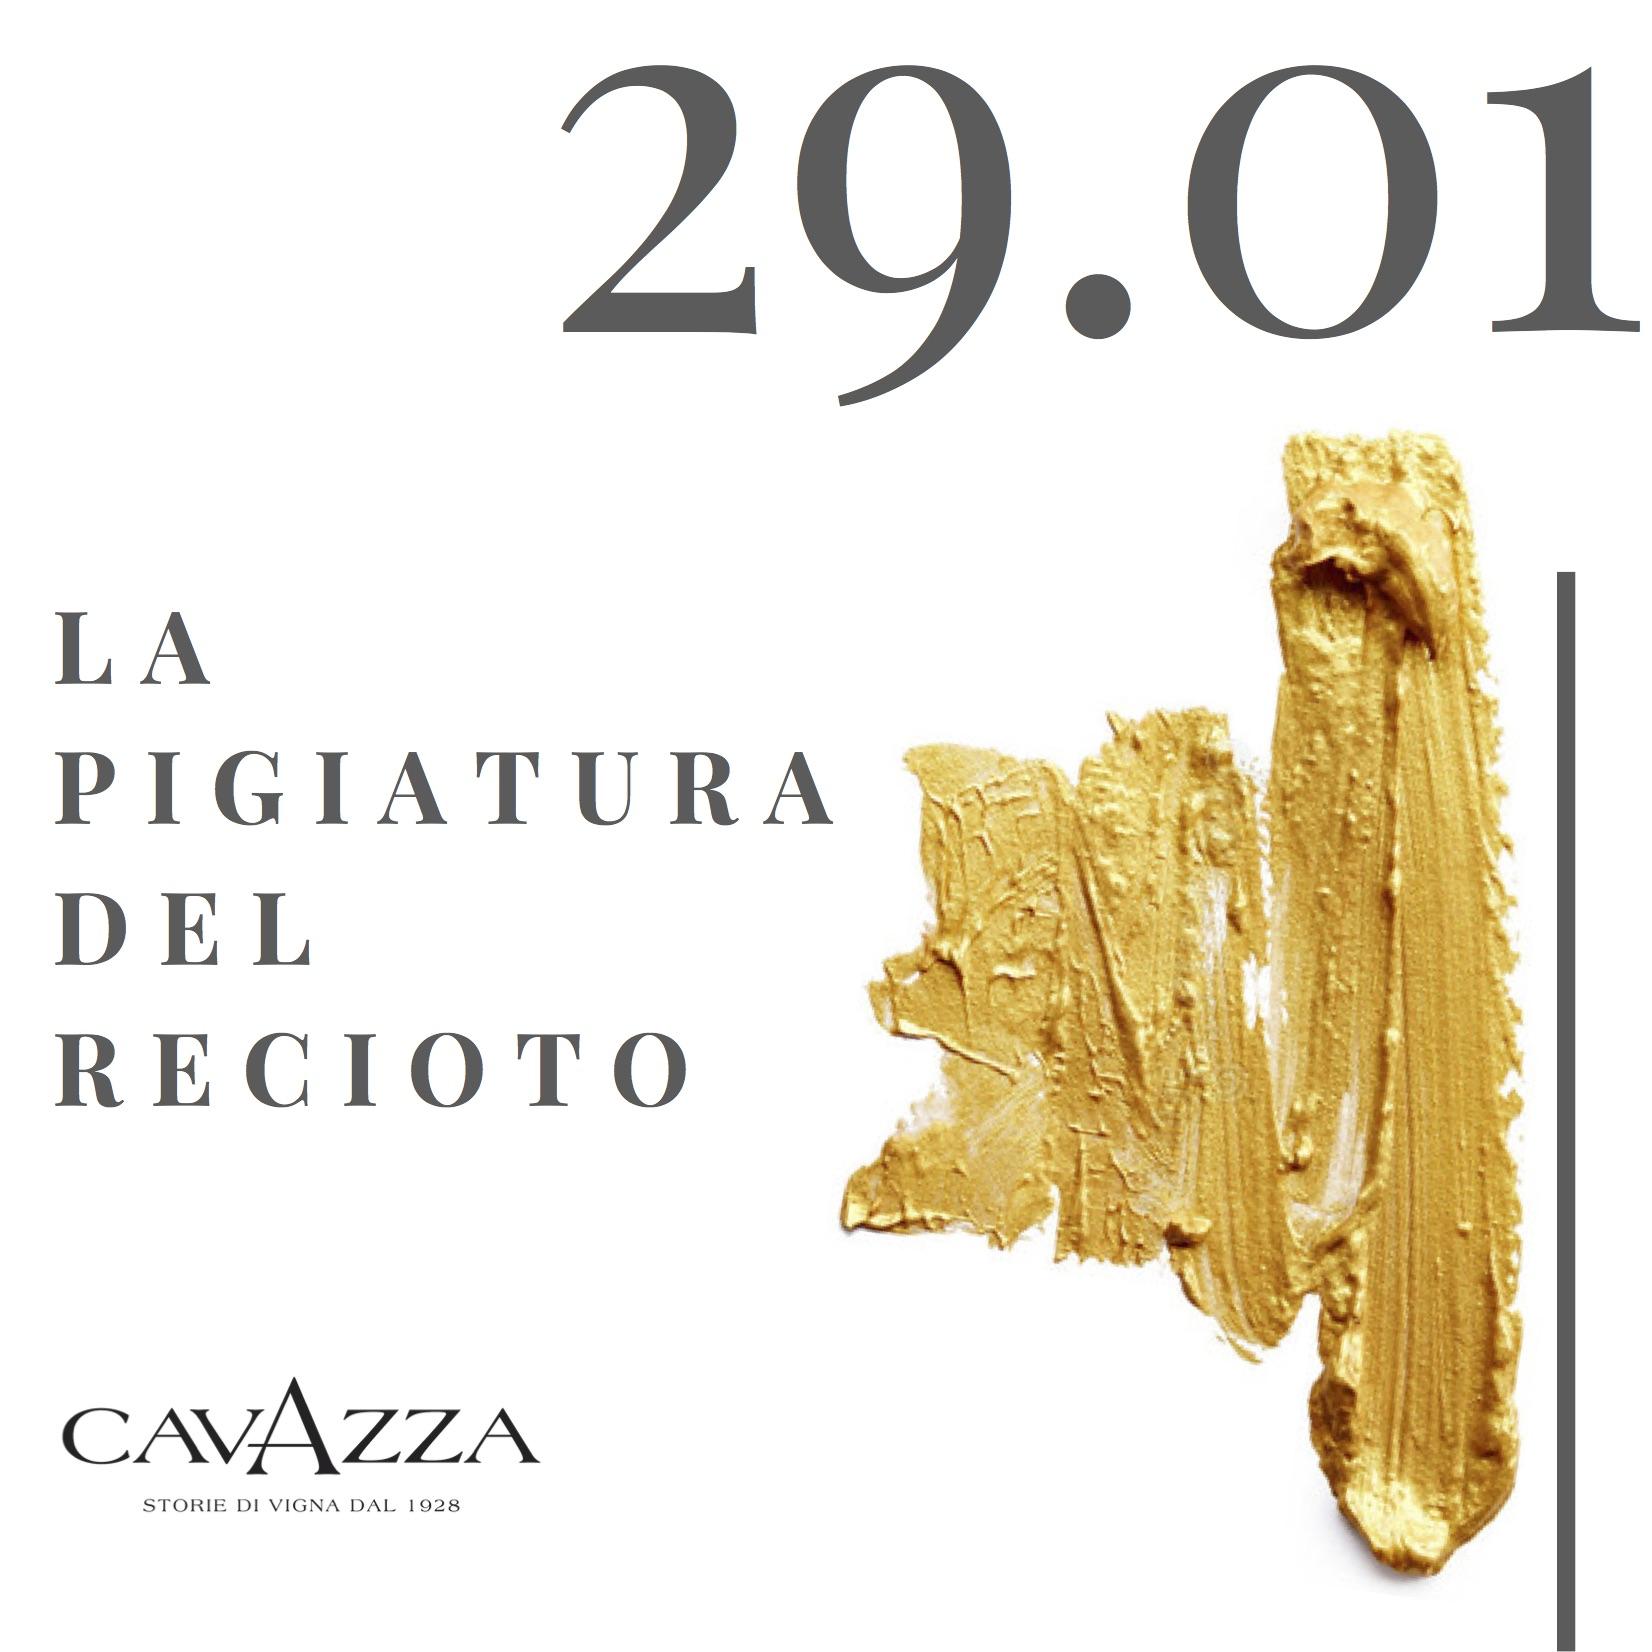 Cavazza - Invito Pigiatura.jpg